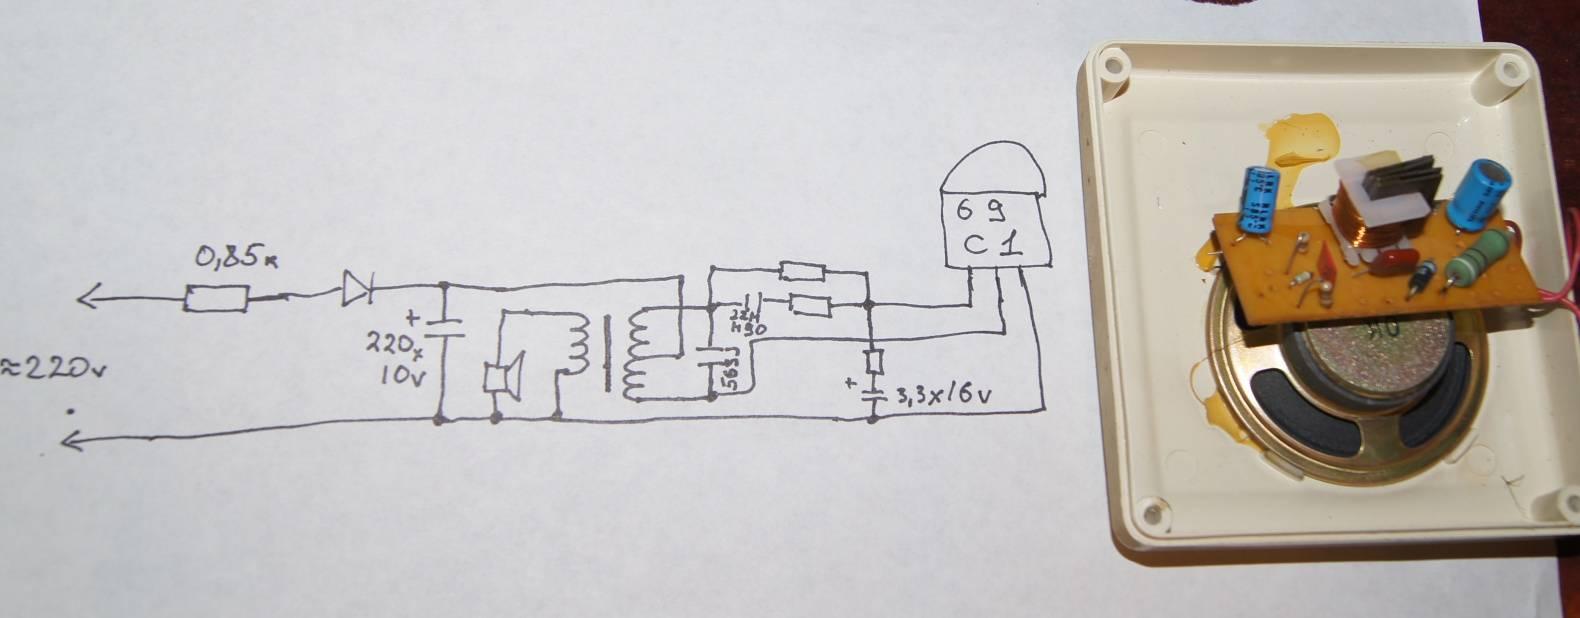 Схема китайского дверного звонка 220в на одном транзисторе